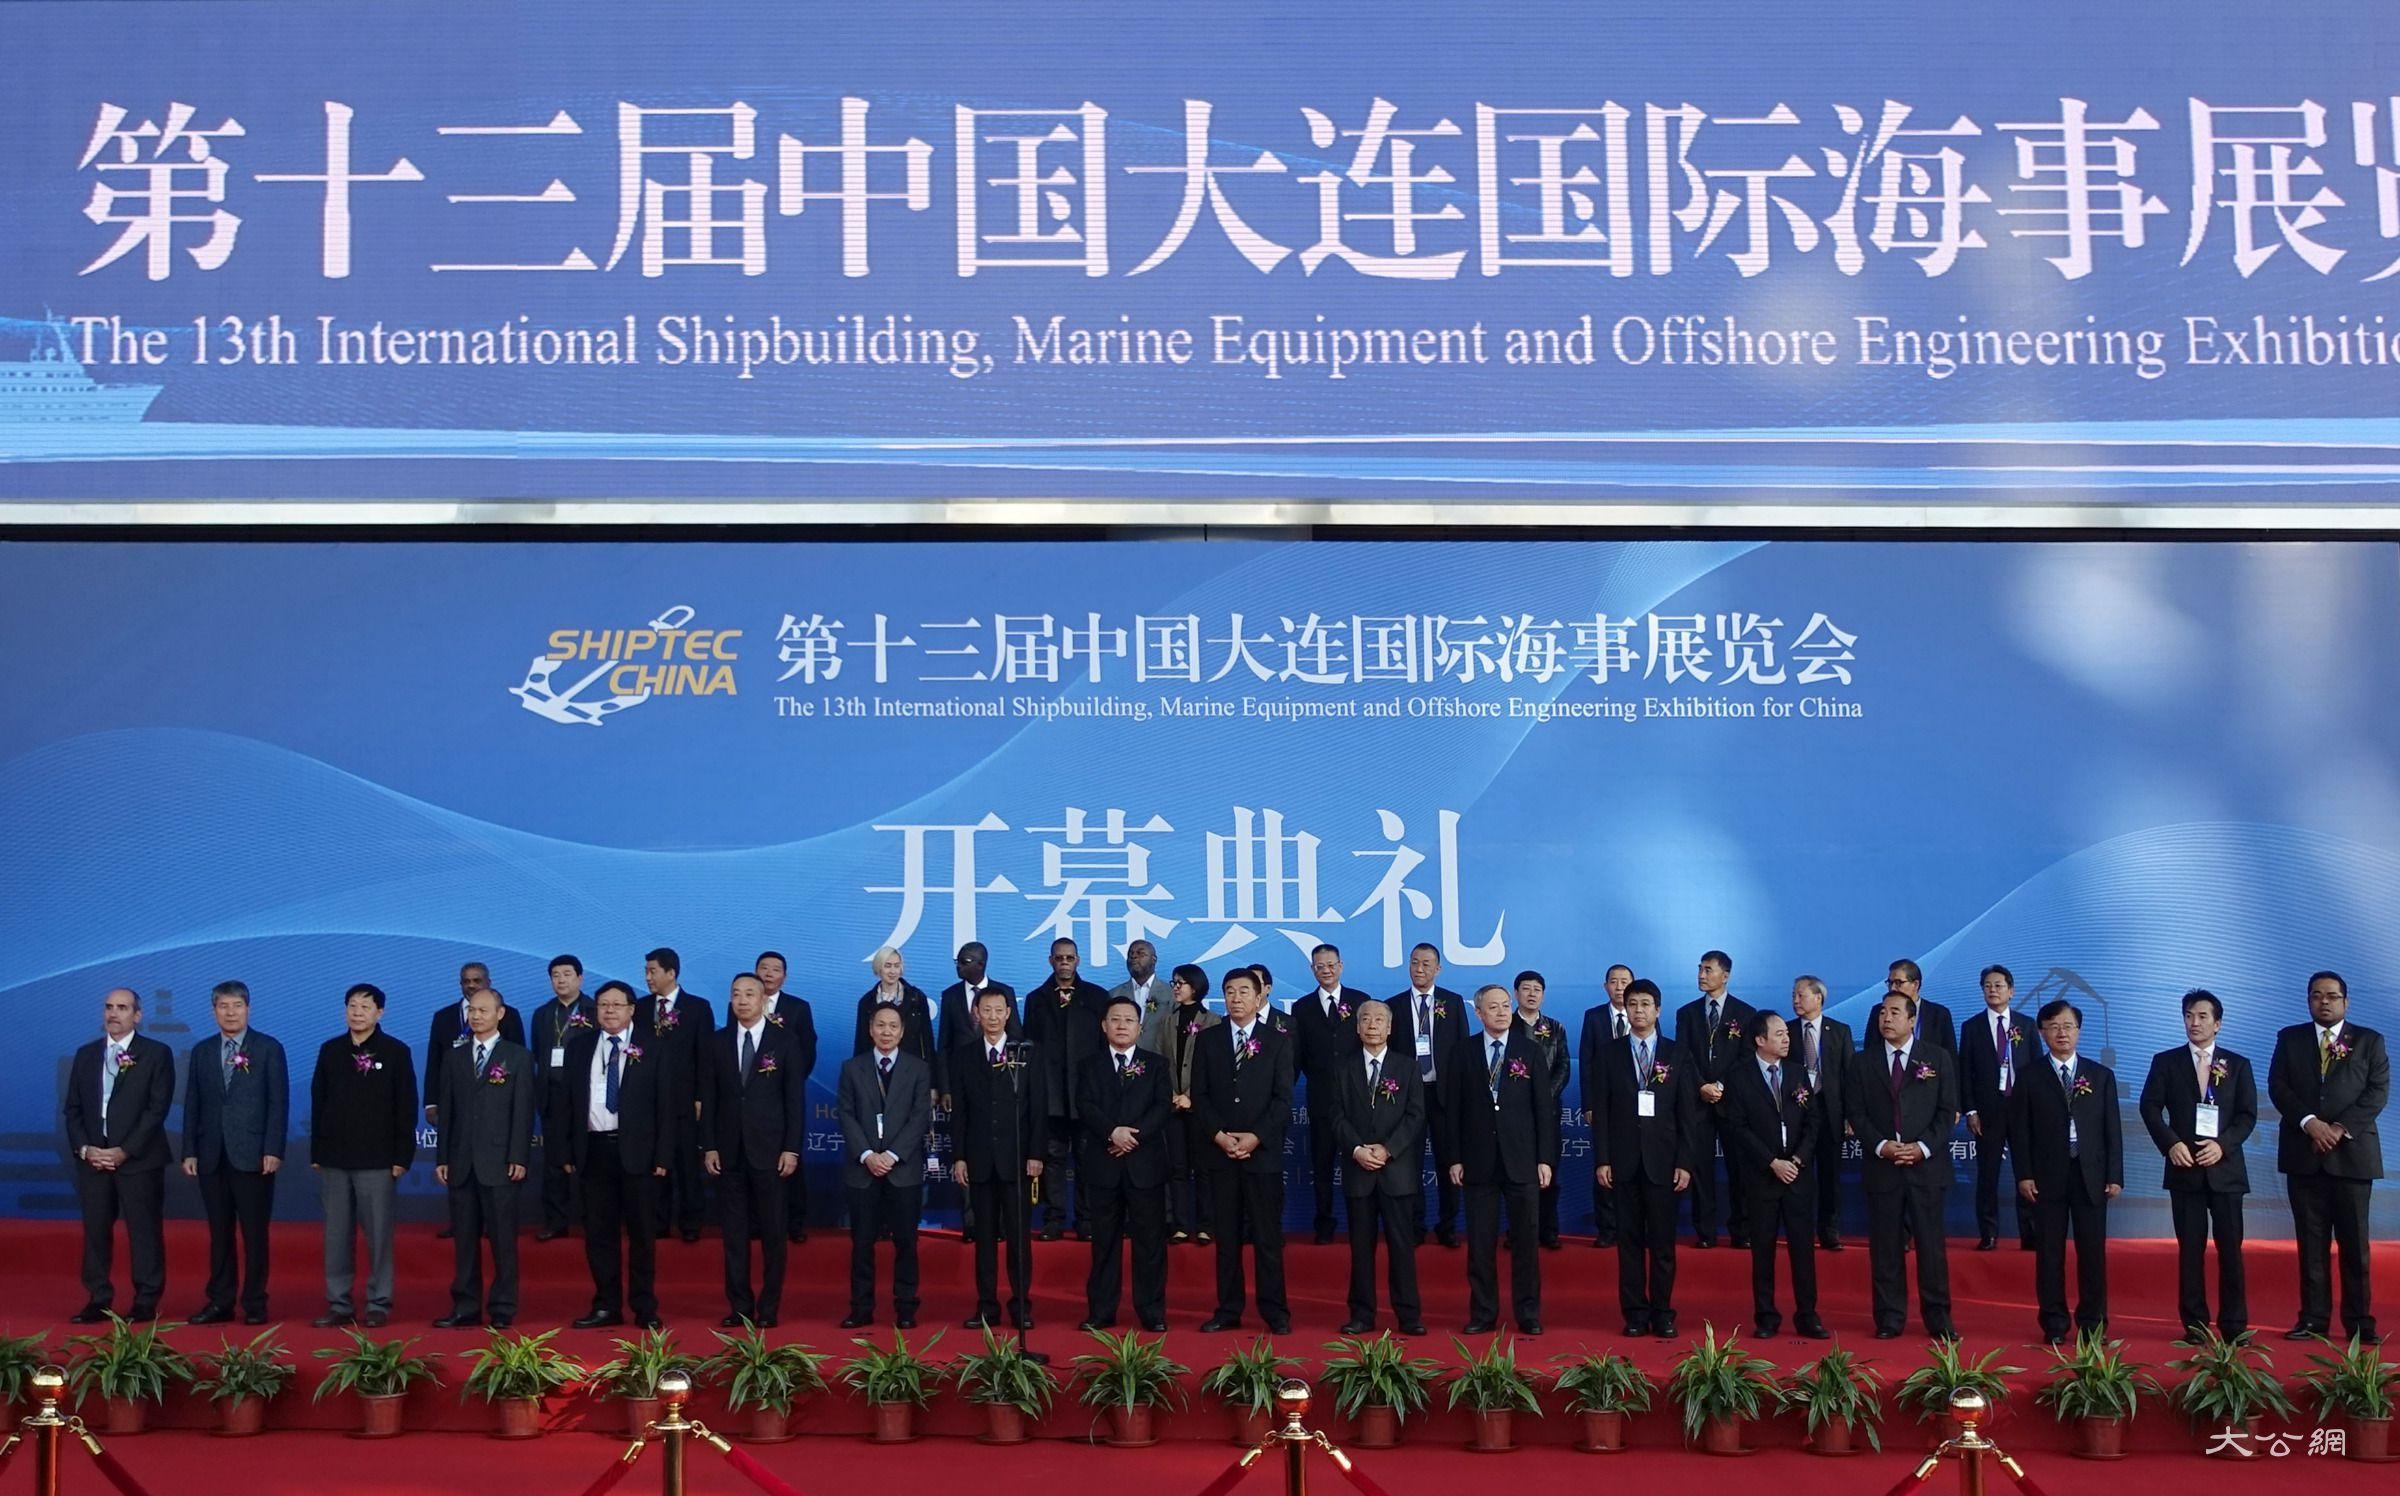 中國大連國際海事展啟幕遼寧軍民融合成果展逾300項目